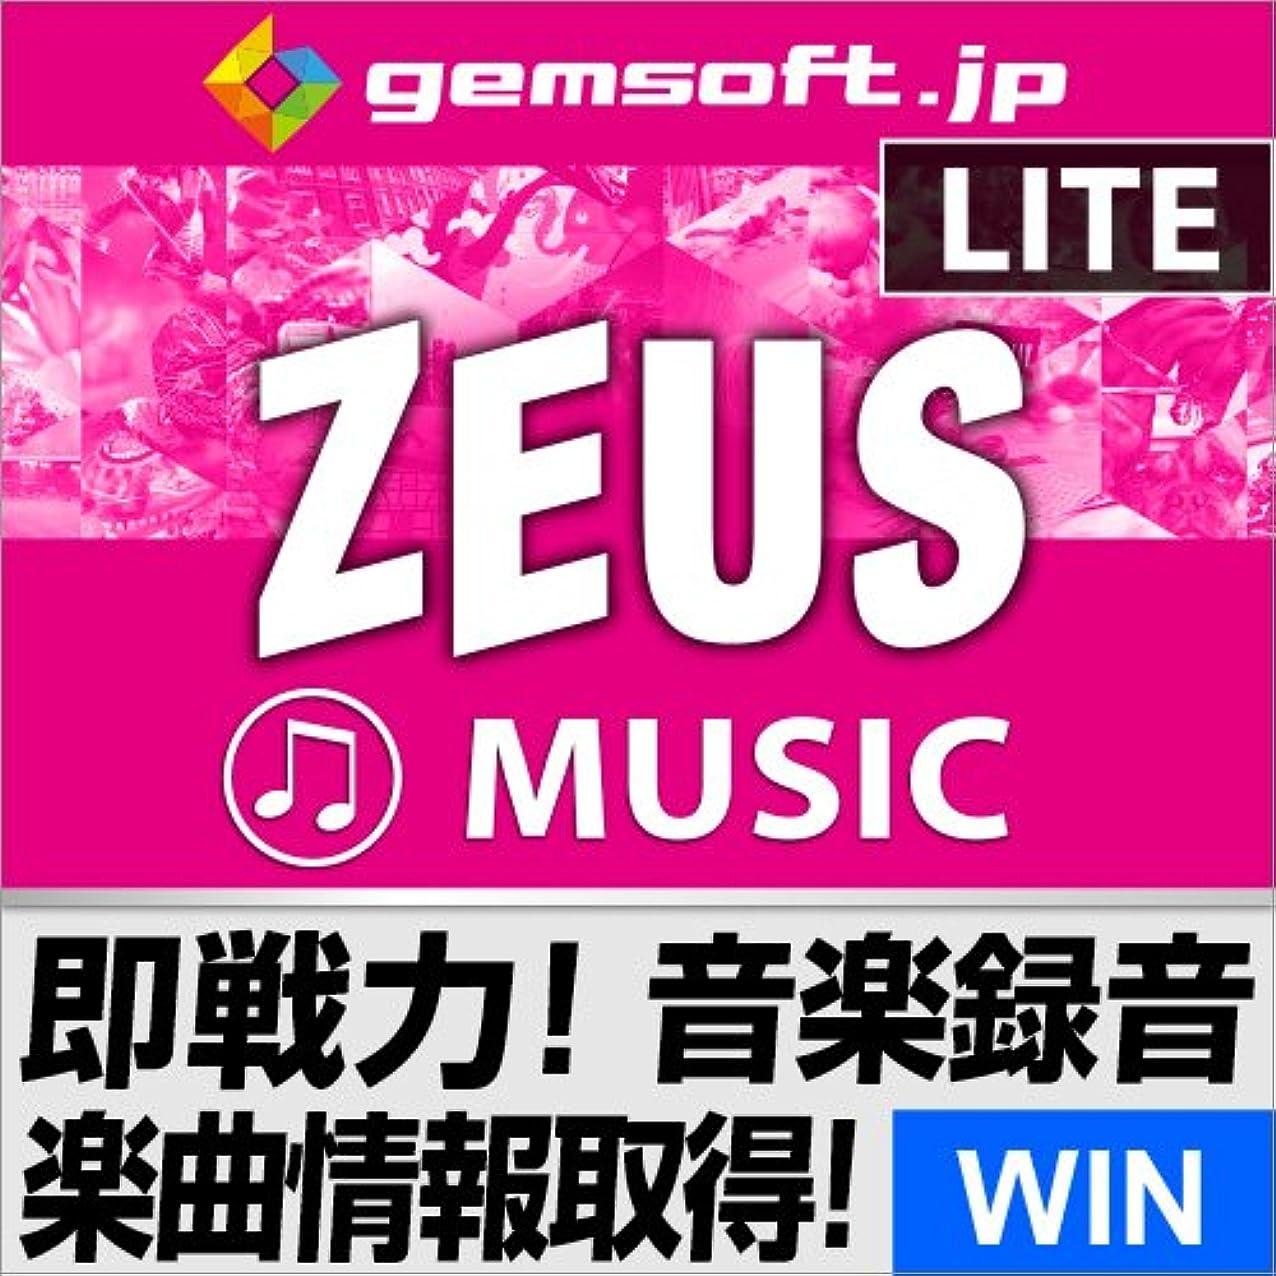 販売員詐欺軽蔑ZEUS MUSIC LITE 録音の即戦力 ~PCの再生音声をそのまま録音 Windows版|ダウンロード版